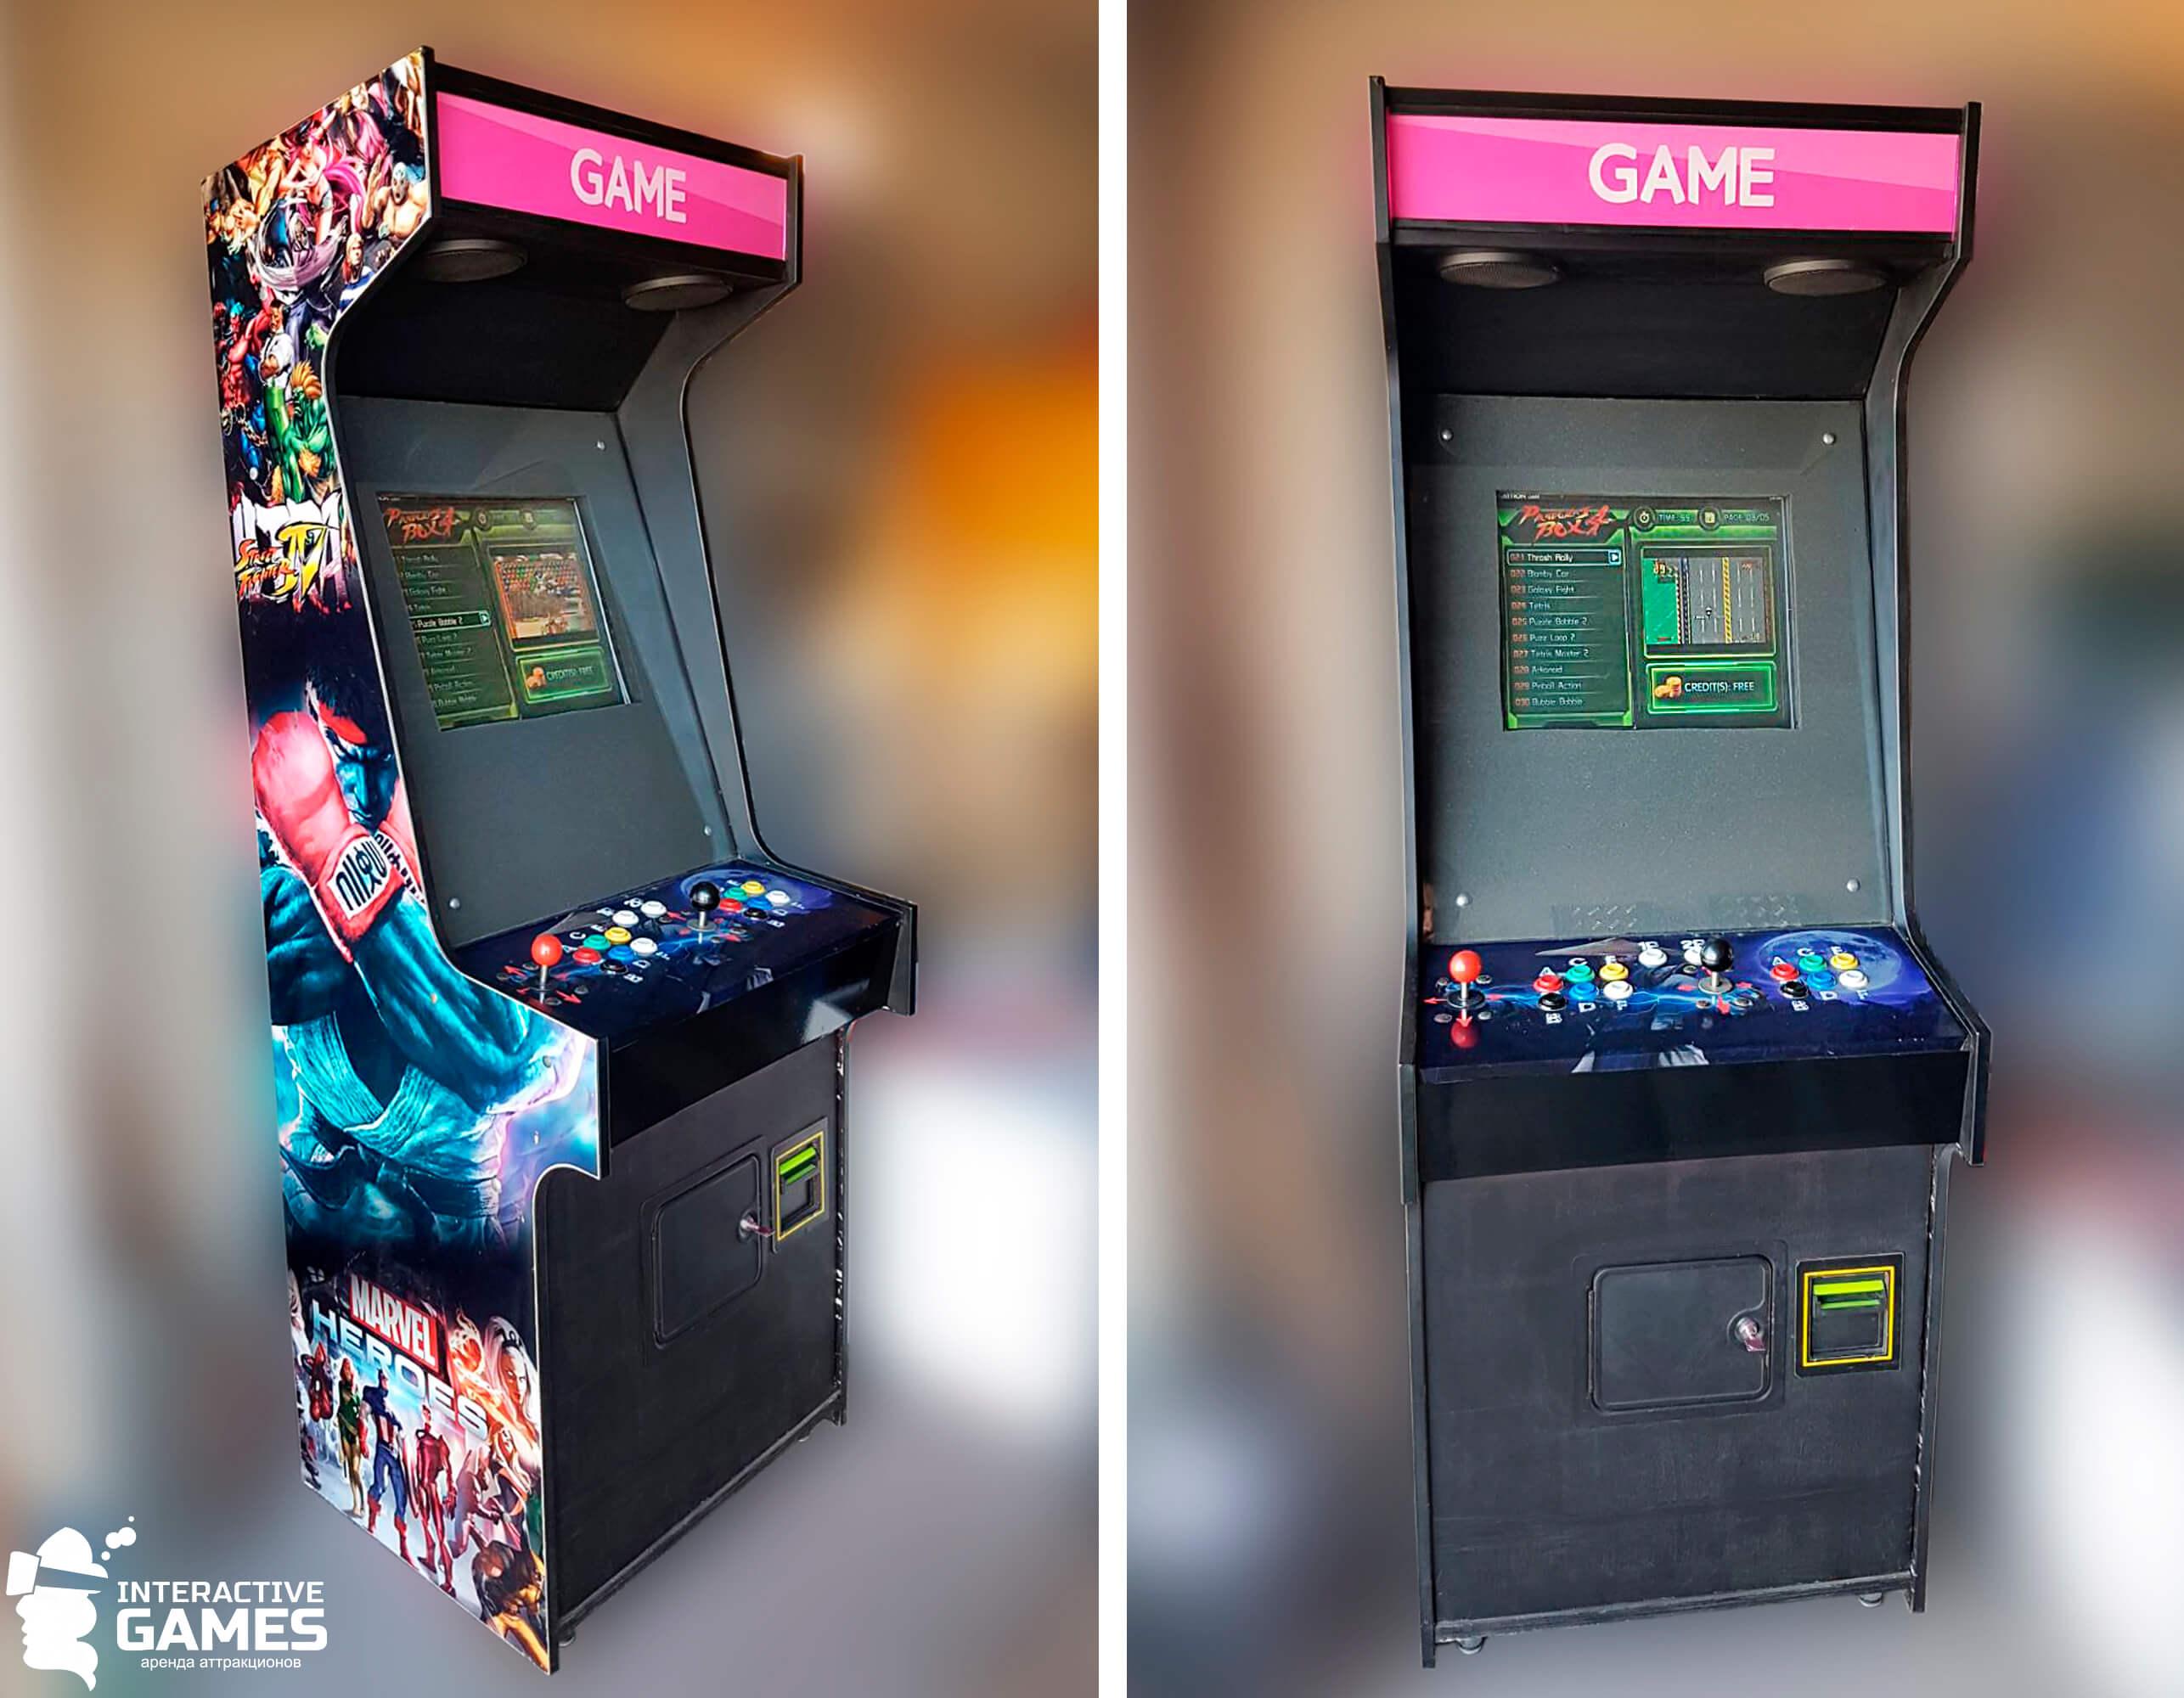 взять игровой автомат в аренду